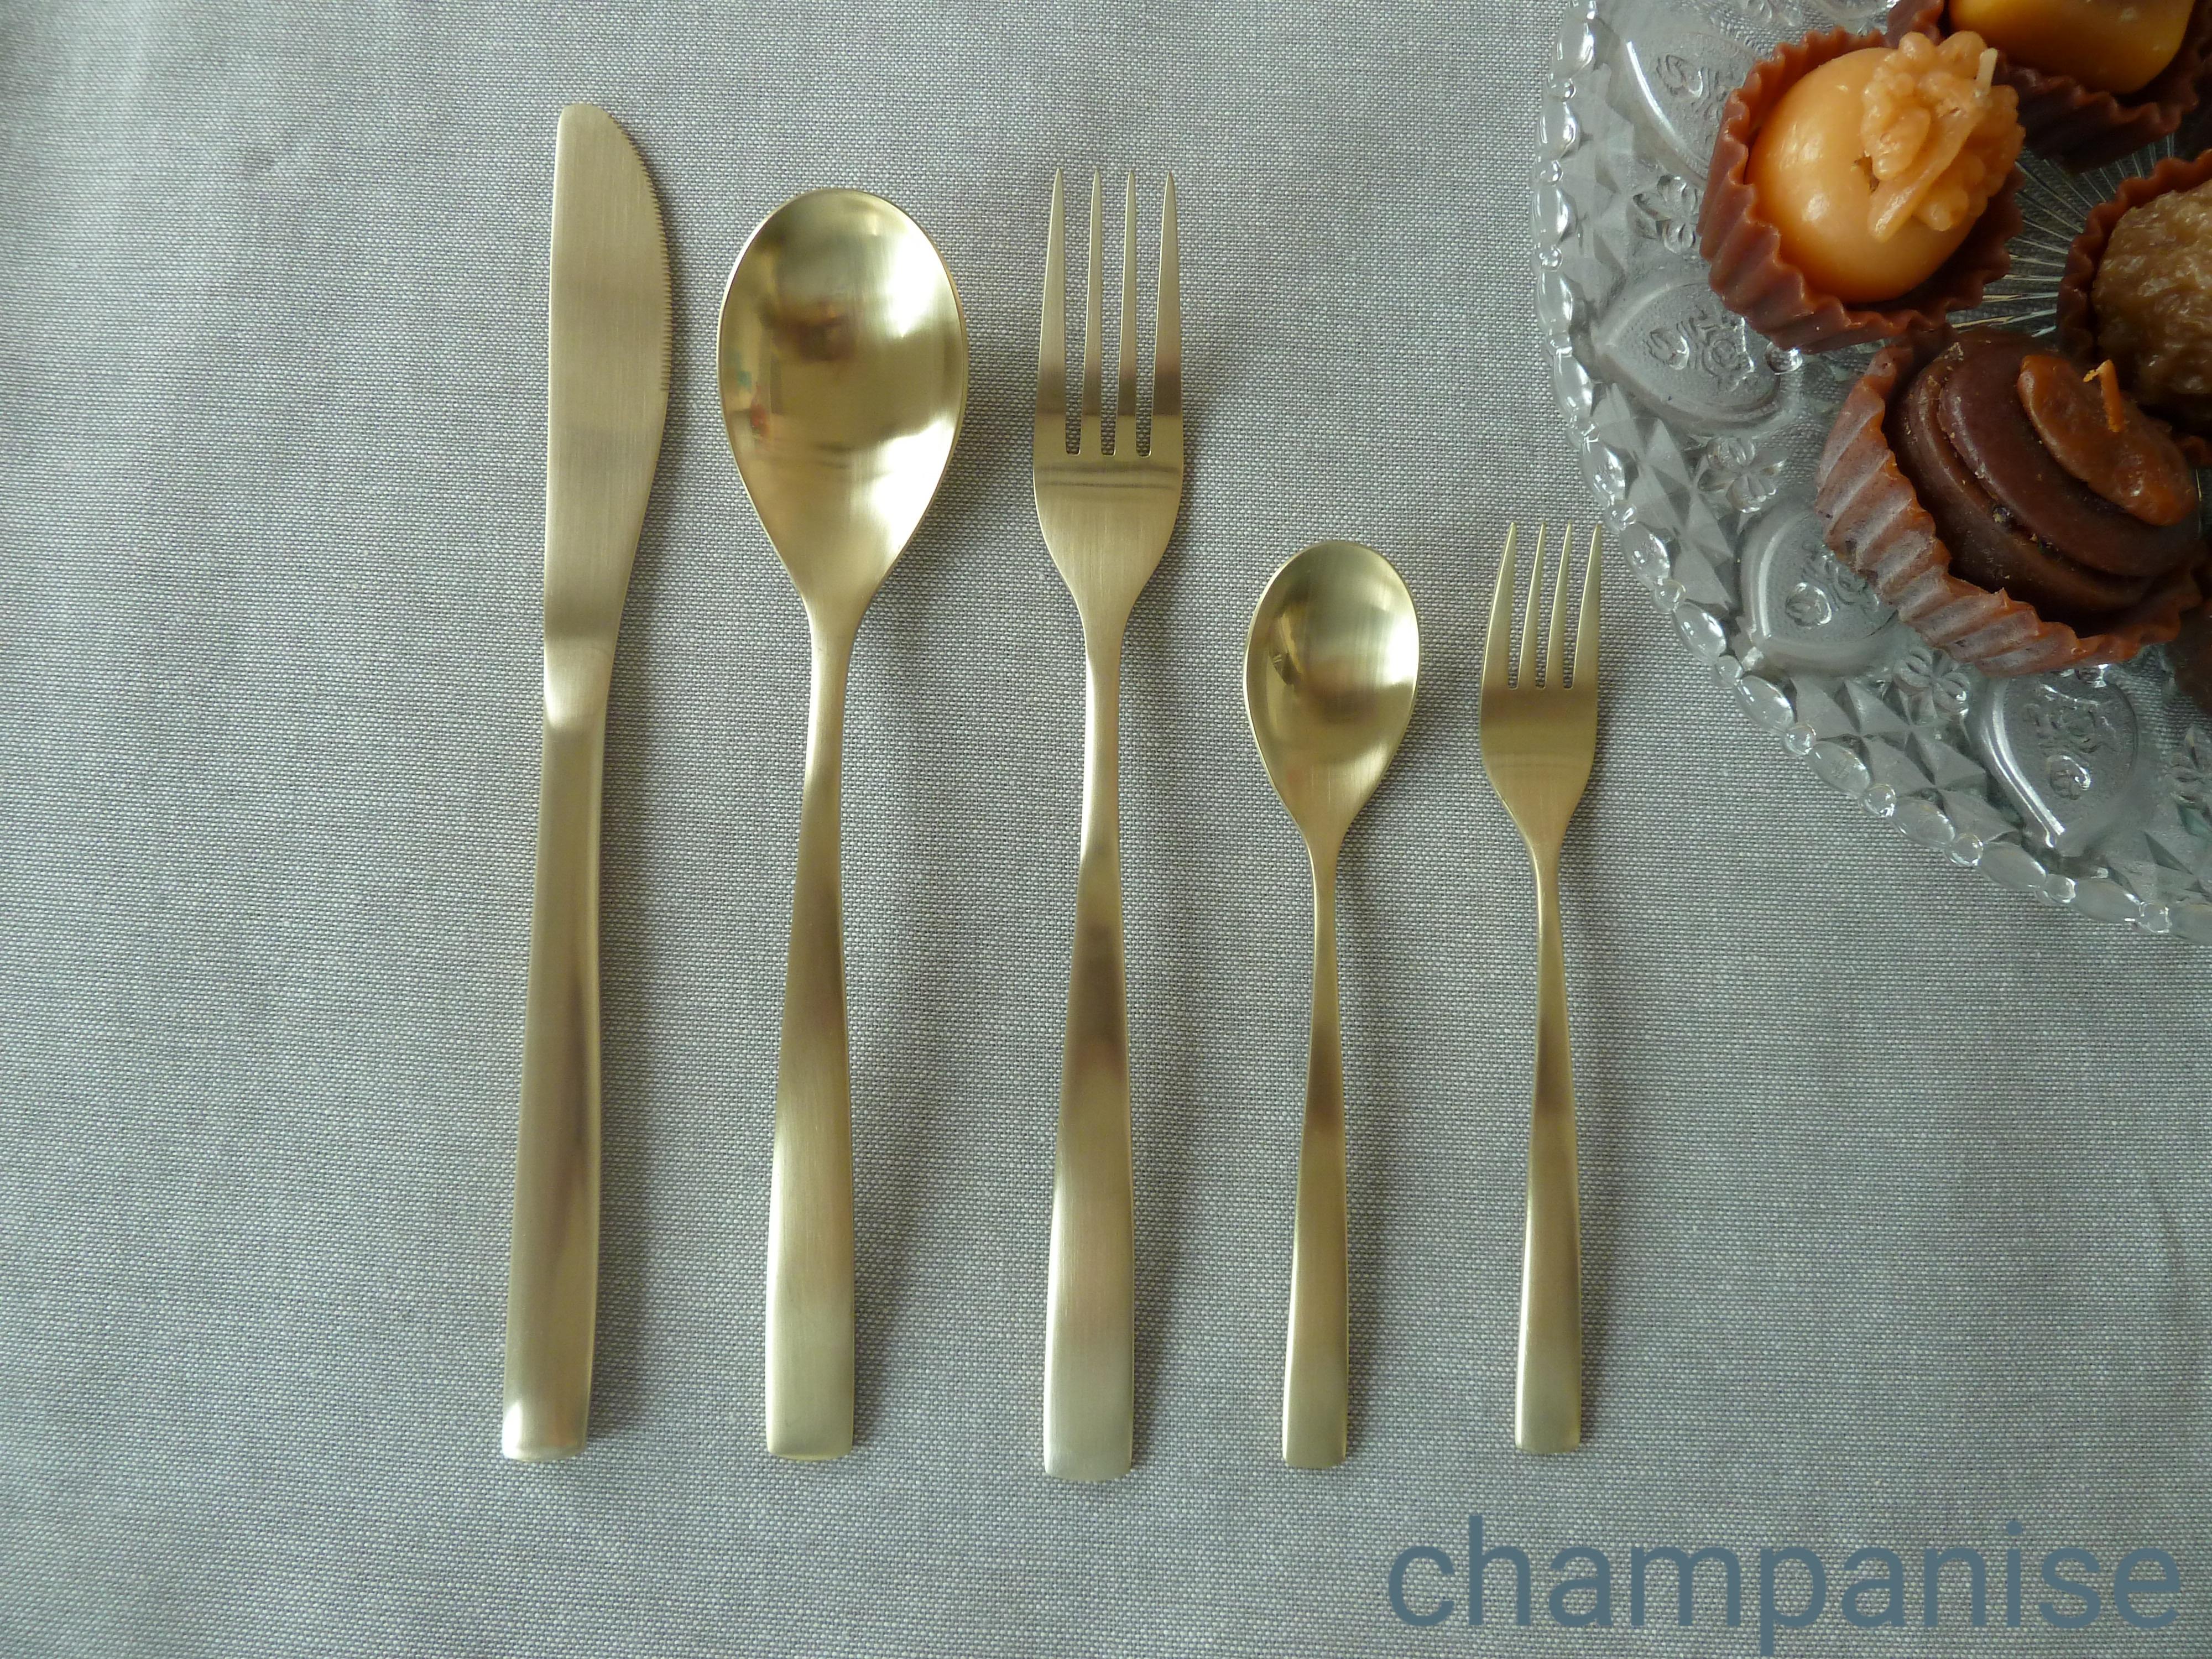 Σετ Μαχαιροπήρουνα 30τμχ Ανοξείδωτα Comas Barcelona Champanise – Comas – 6-barcelona-champanise-30